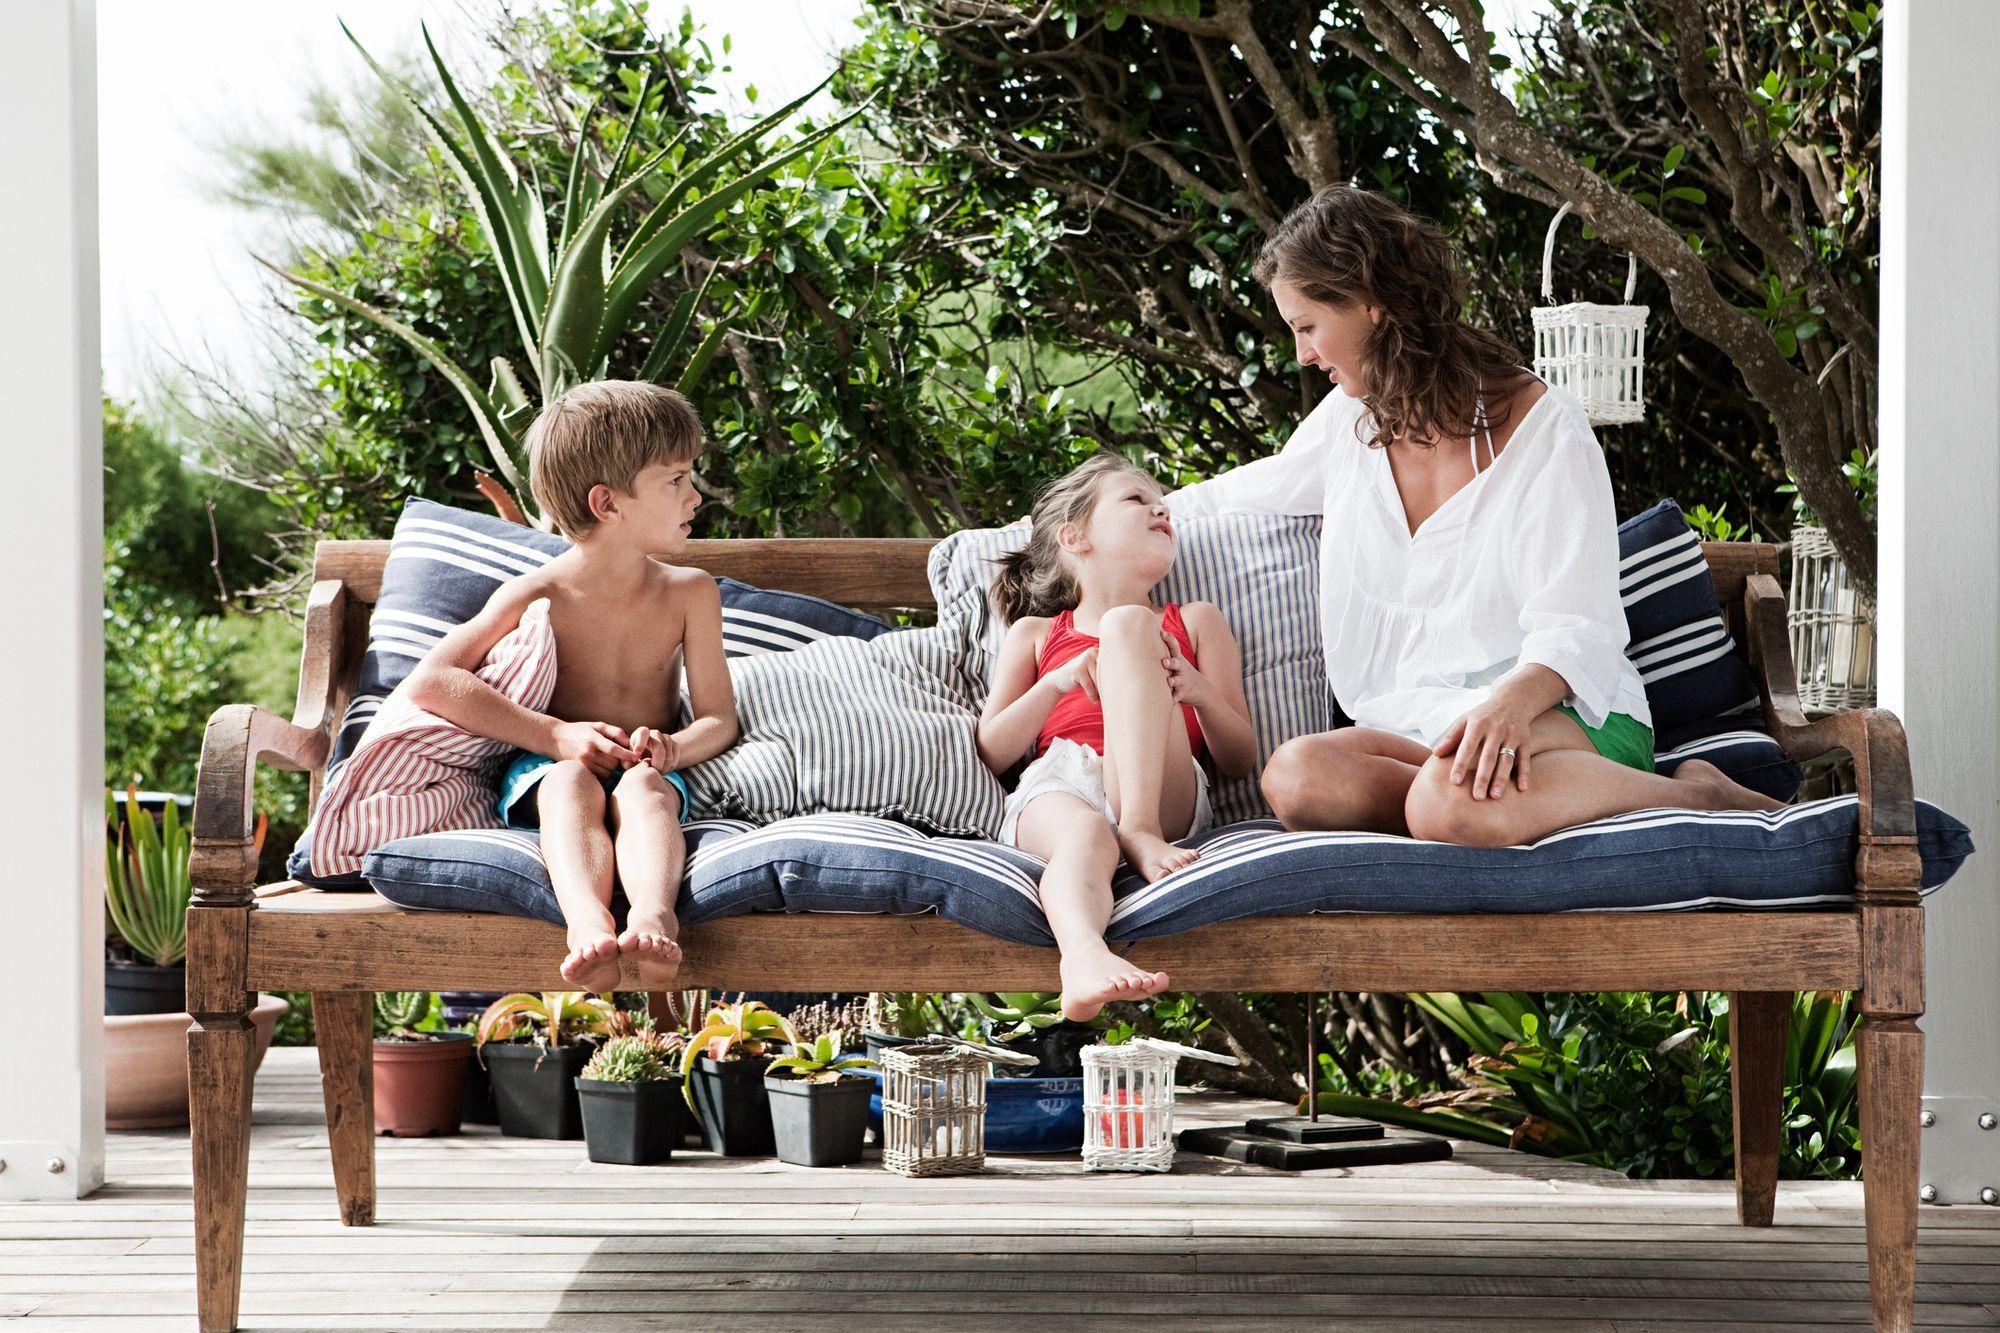 crianças-viagem-trocadecasa-família-férias-verão